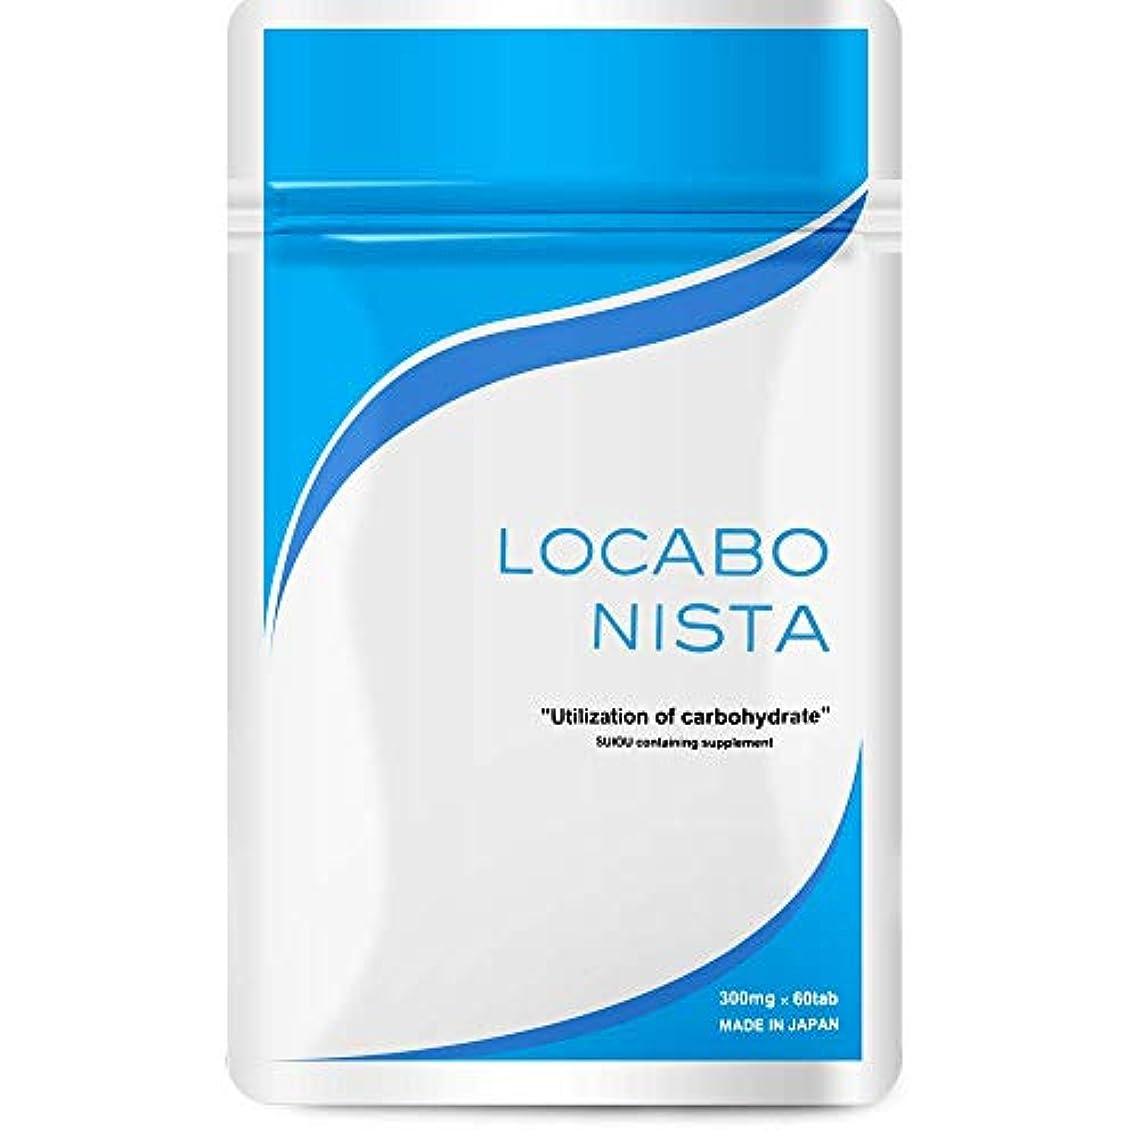 レッスンつぶすパキスタンダイエット サプリ 燃焼系 糖質活用 LOCABO NISTA ロカボ ニスタ [ GLP-1 すいおう α-リポ酸 カテキン クロロゲン酸 サプリメント 糖質 コントロール 短期 スリム]